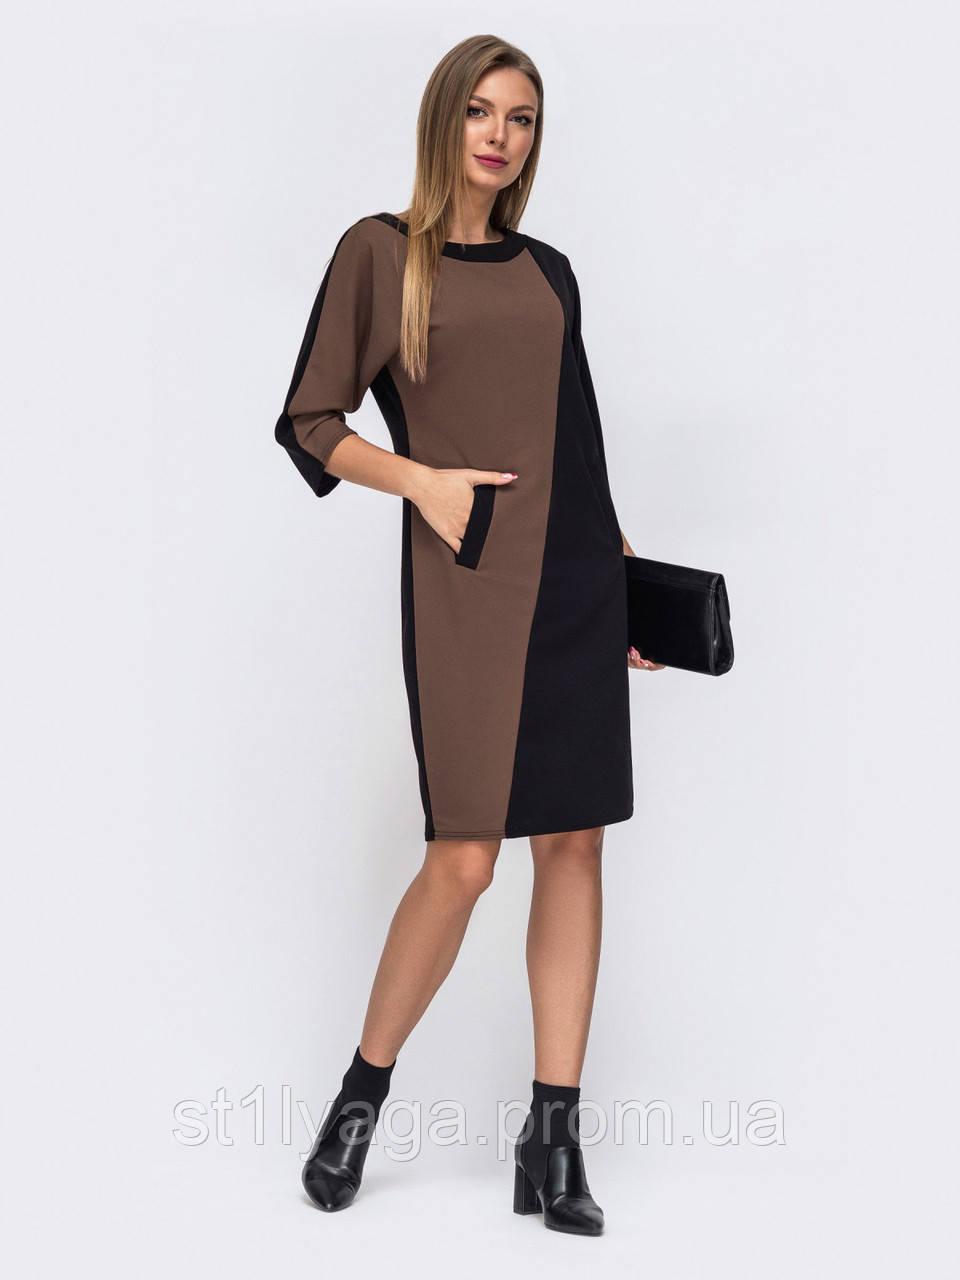 Стильное приталенное  платье с цельнокроеным рукавом